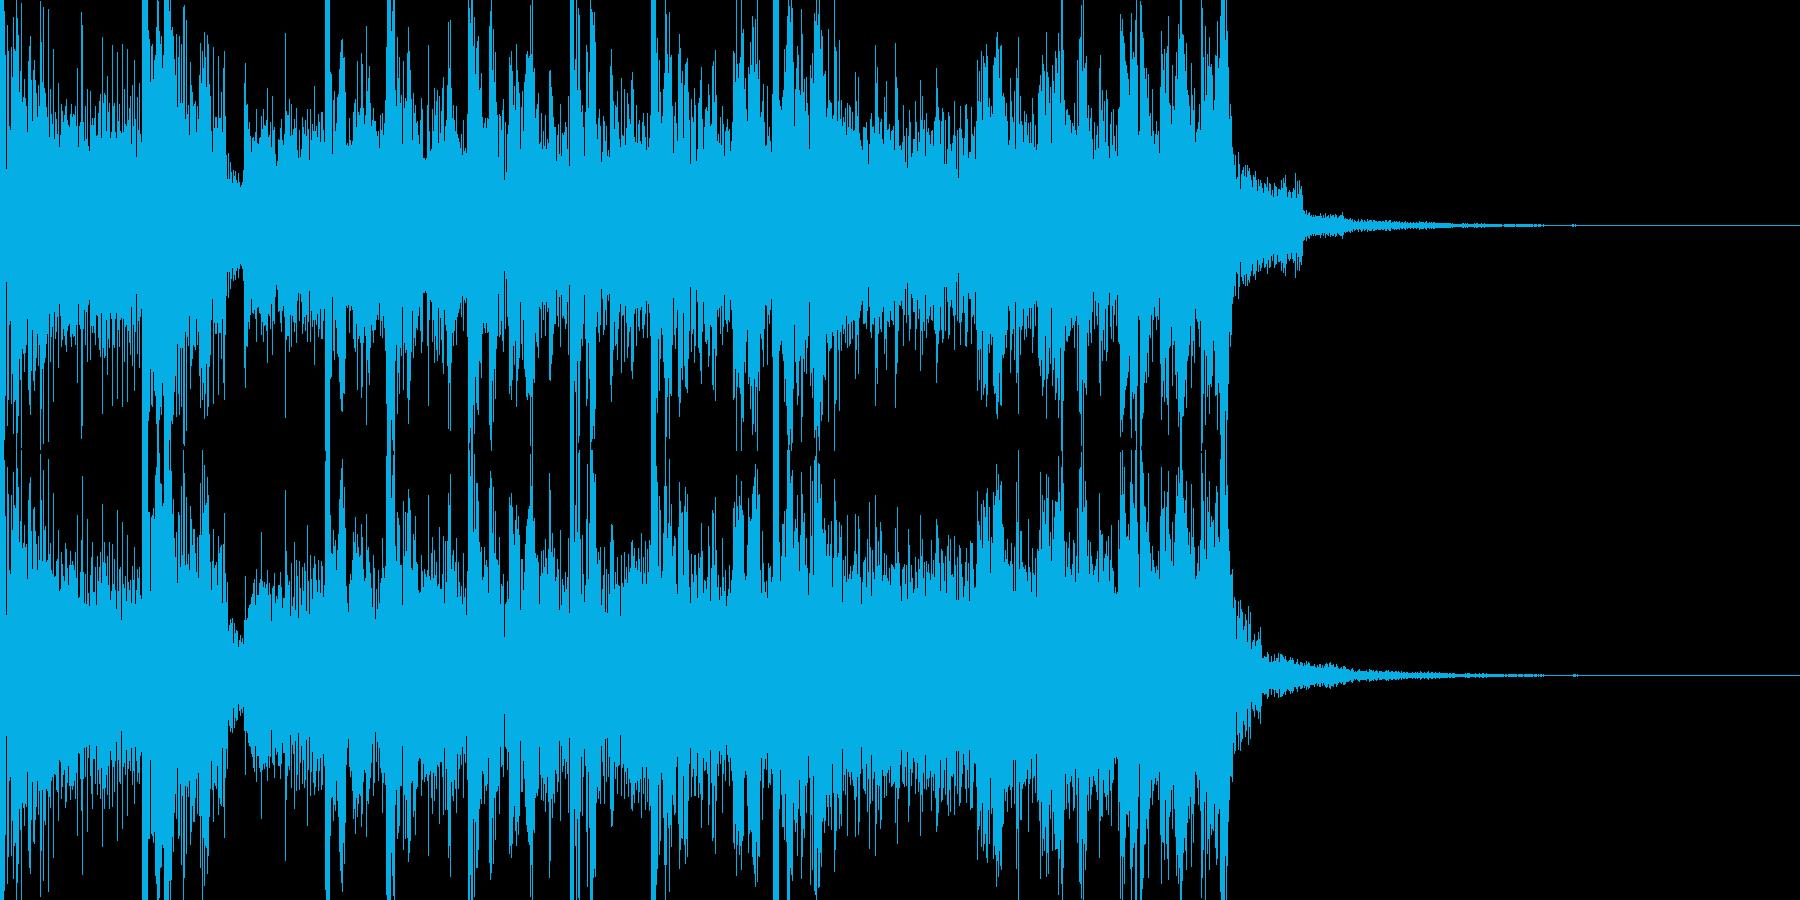 フューチャーサイエンスなサウンドロゴの再生済みの波形